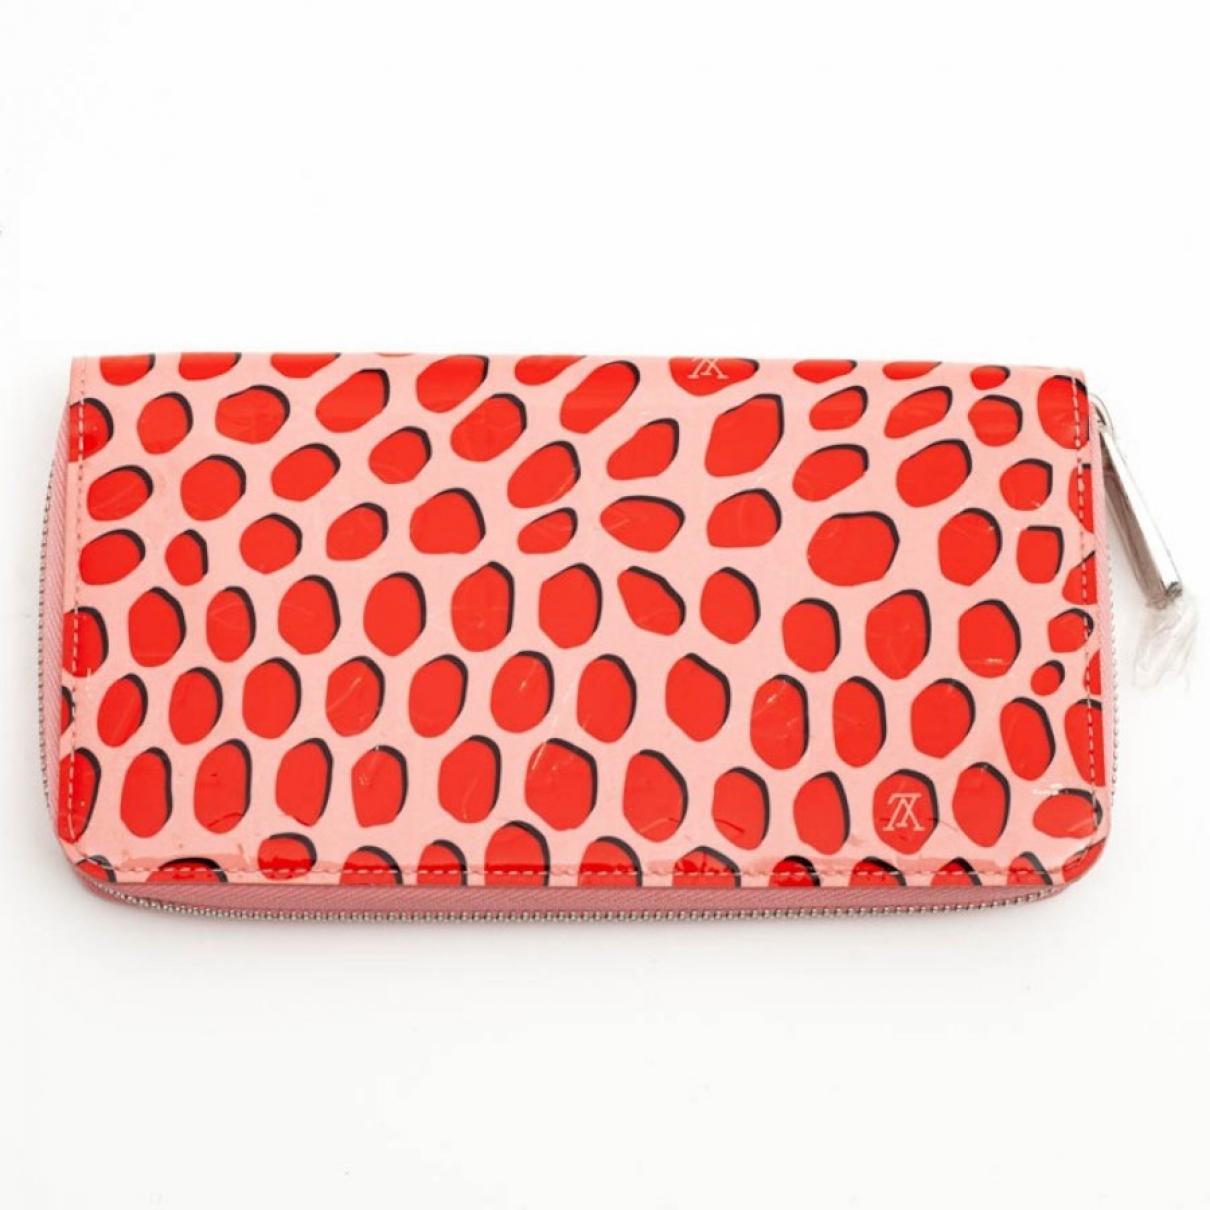 Louis Vuitton - Portefeuille Zippy pour femme en cuir verni - rose